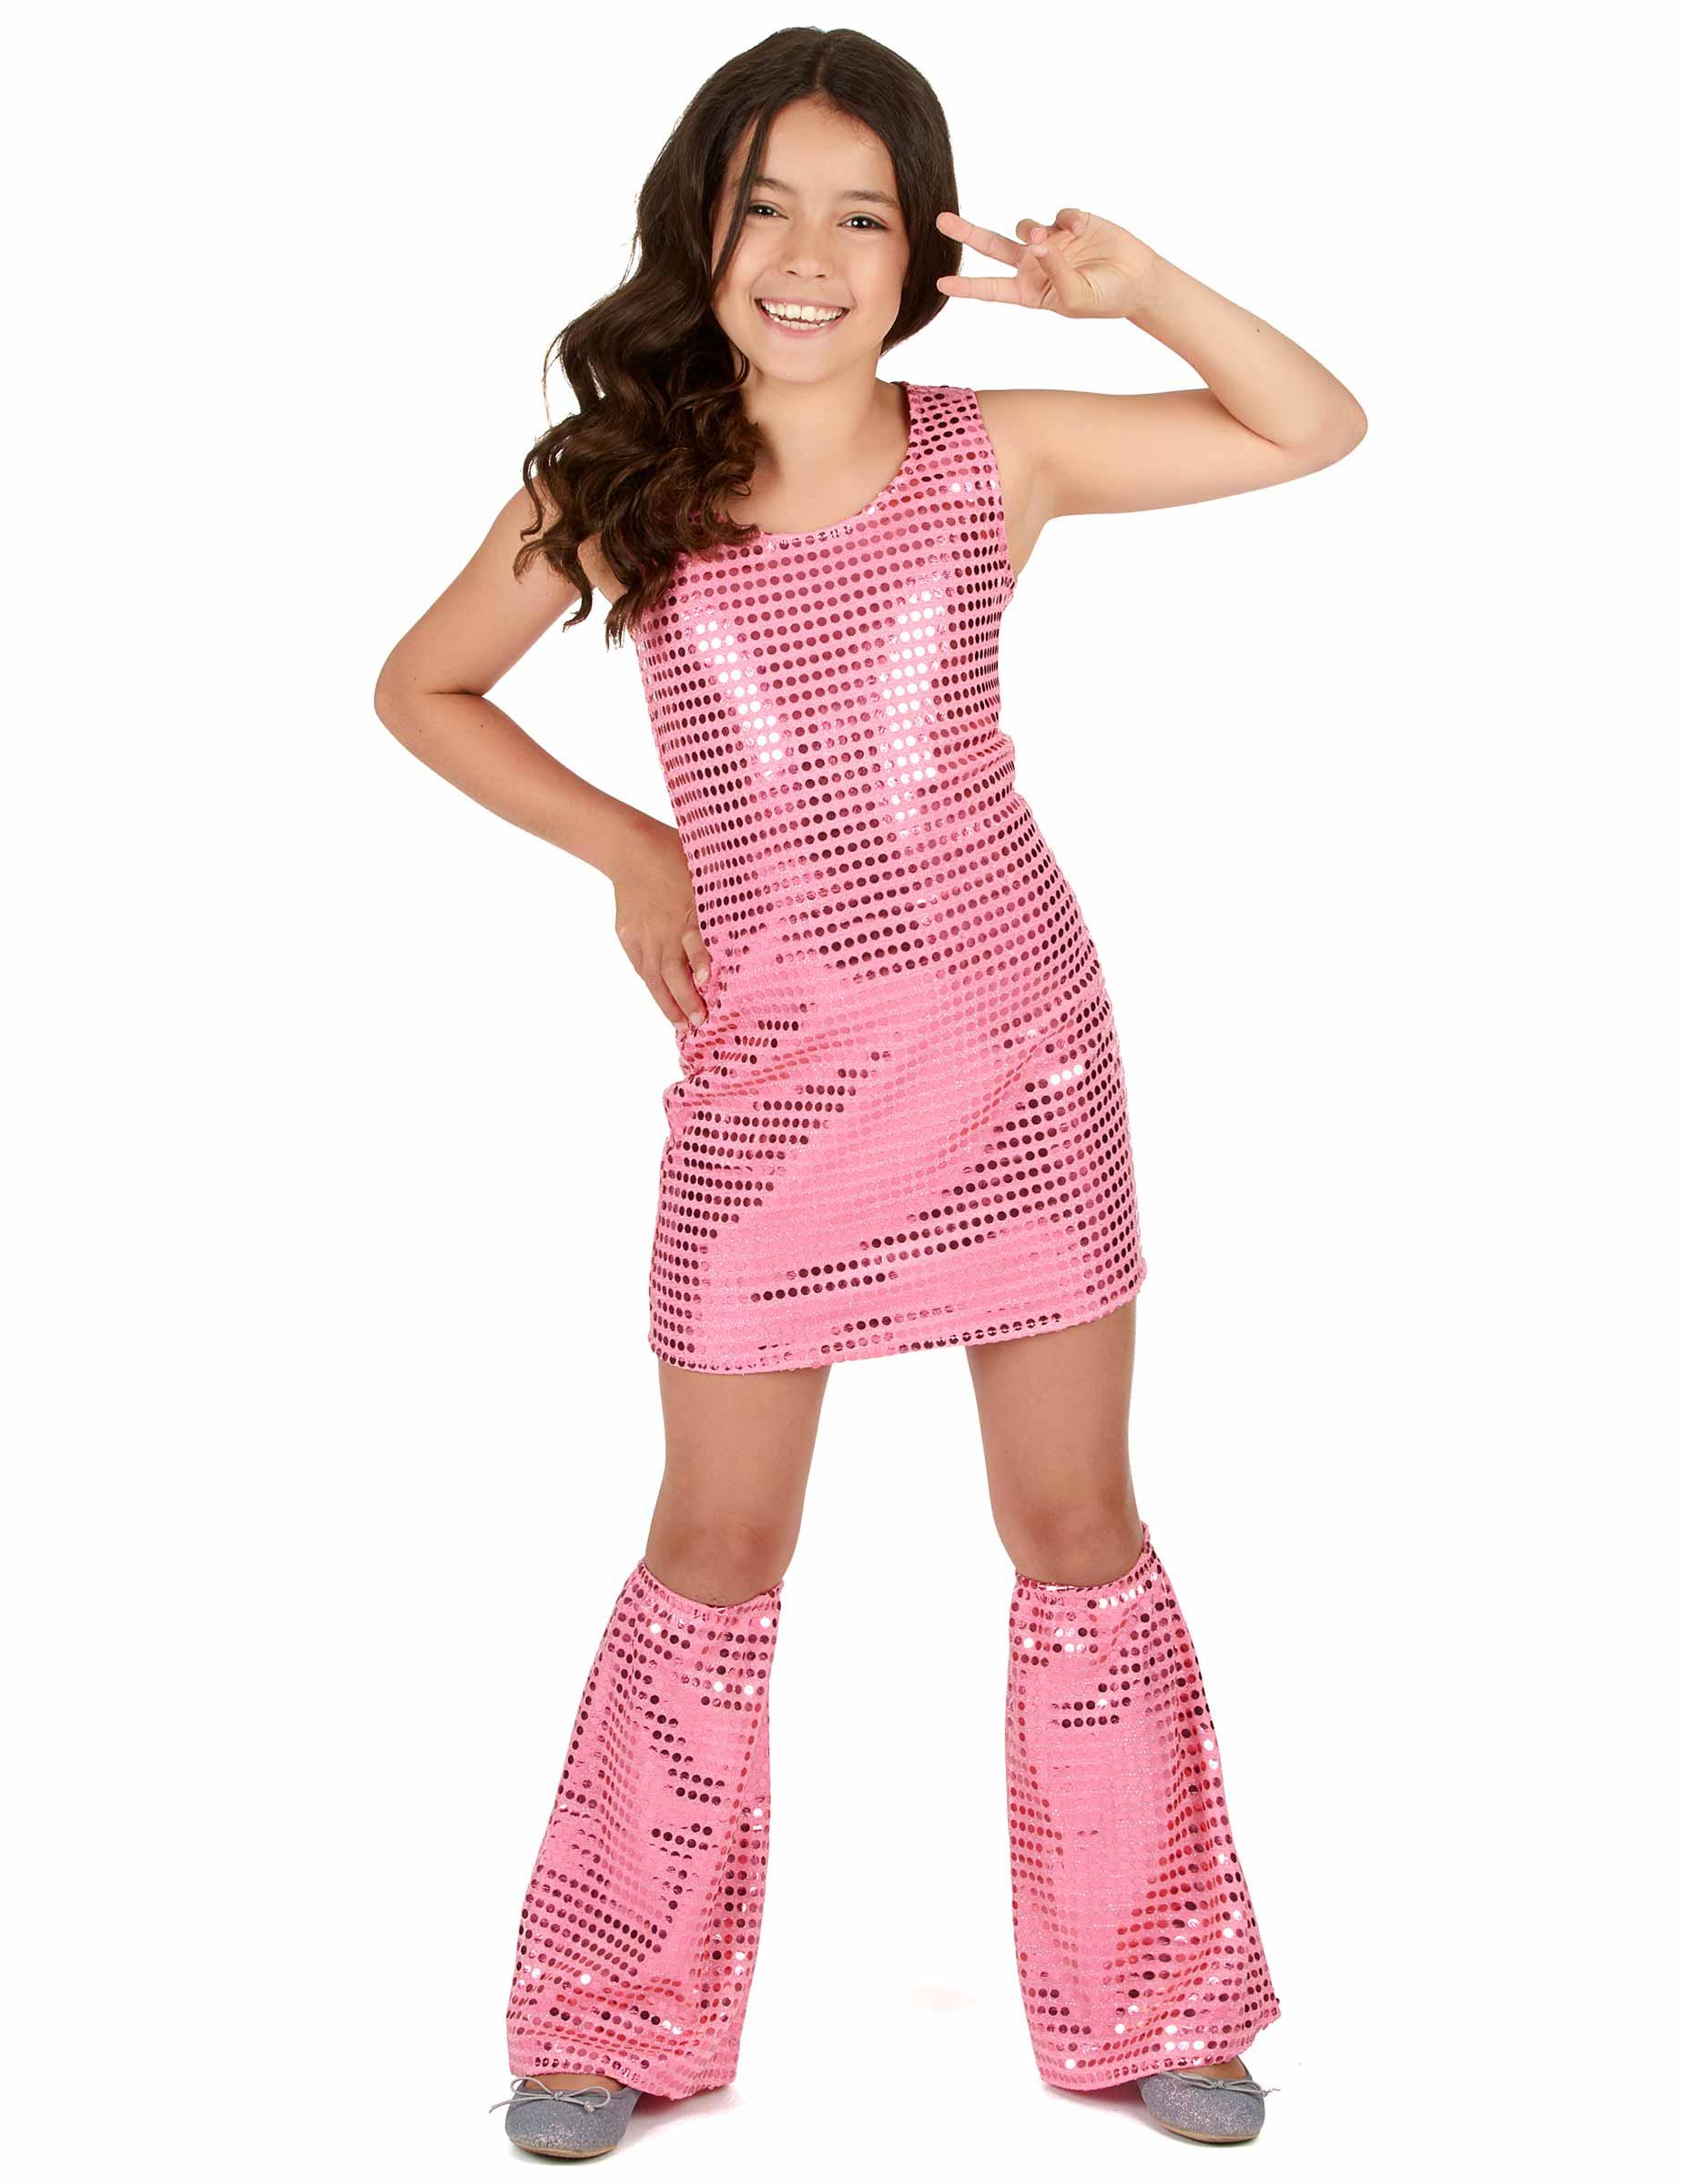 Disfraz disco rosa con lentejuelas niña: Disfraces niños,y disfraces ...